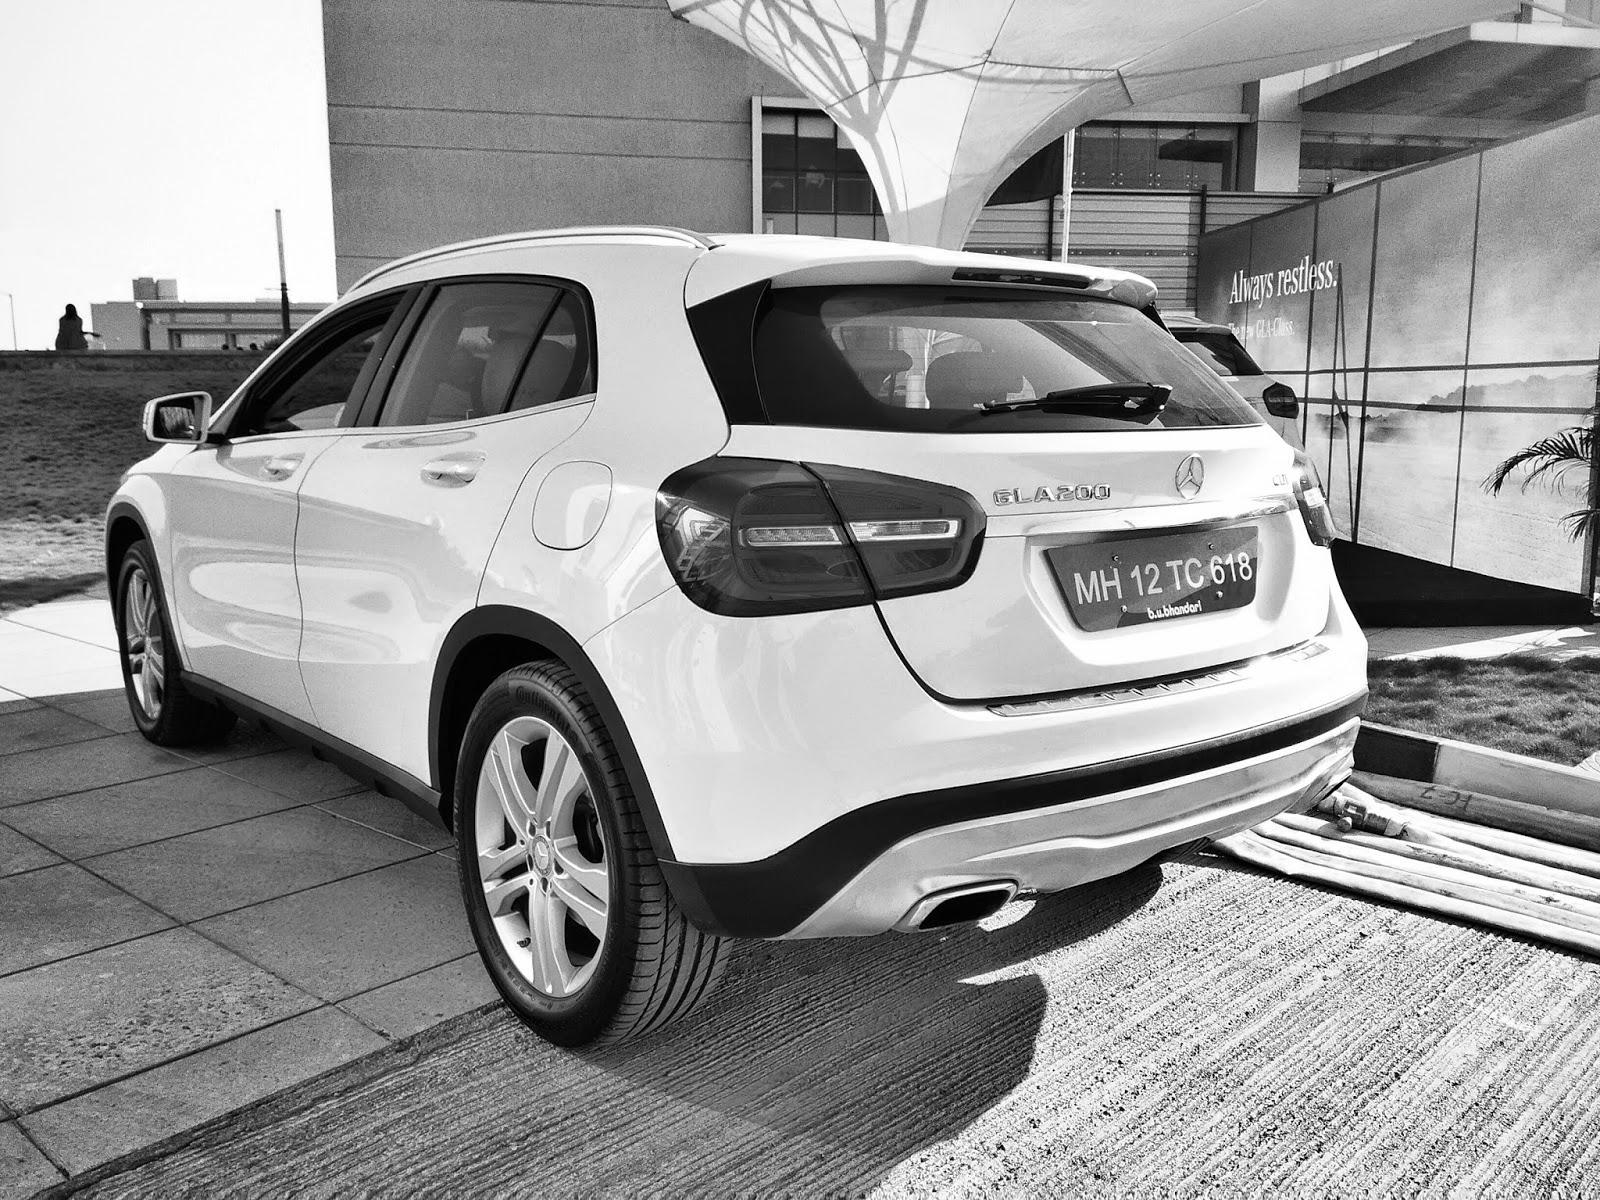 Mercedes Benz GLA 200 CDI India